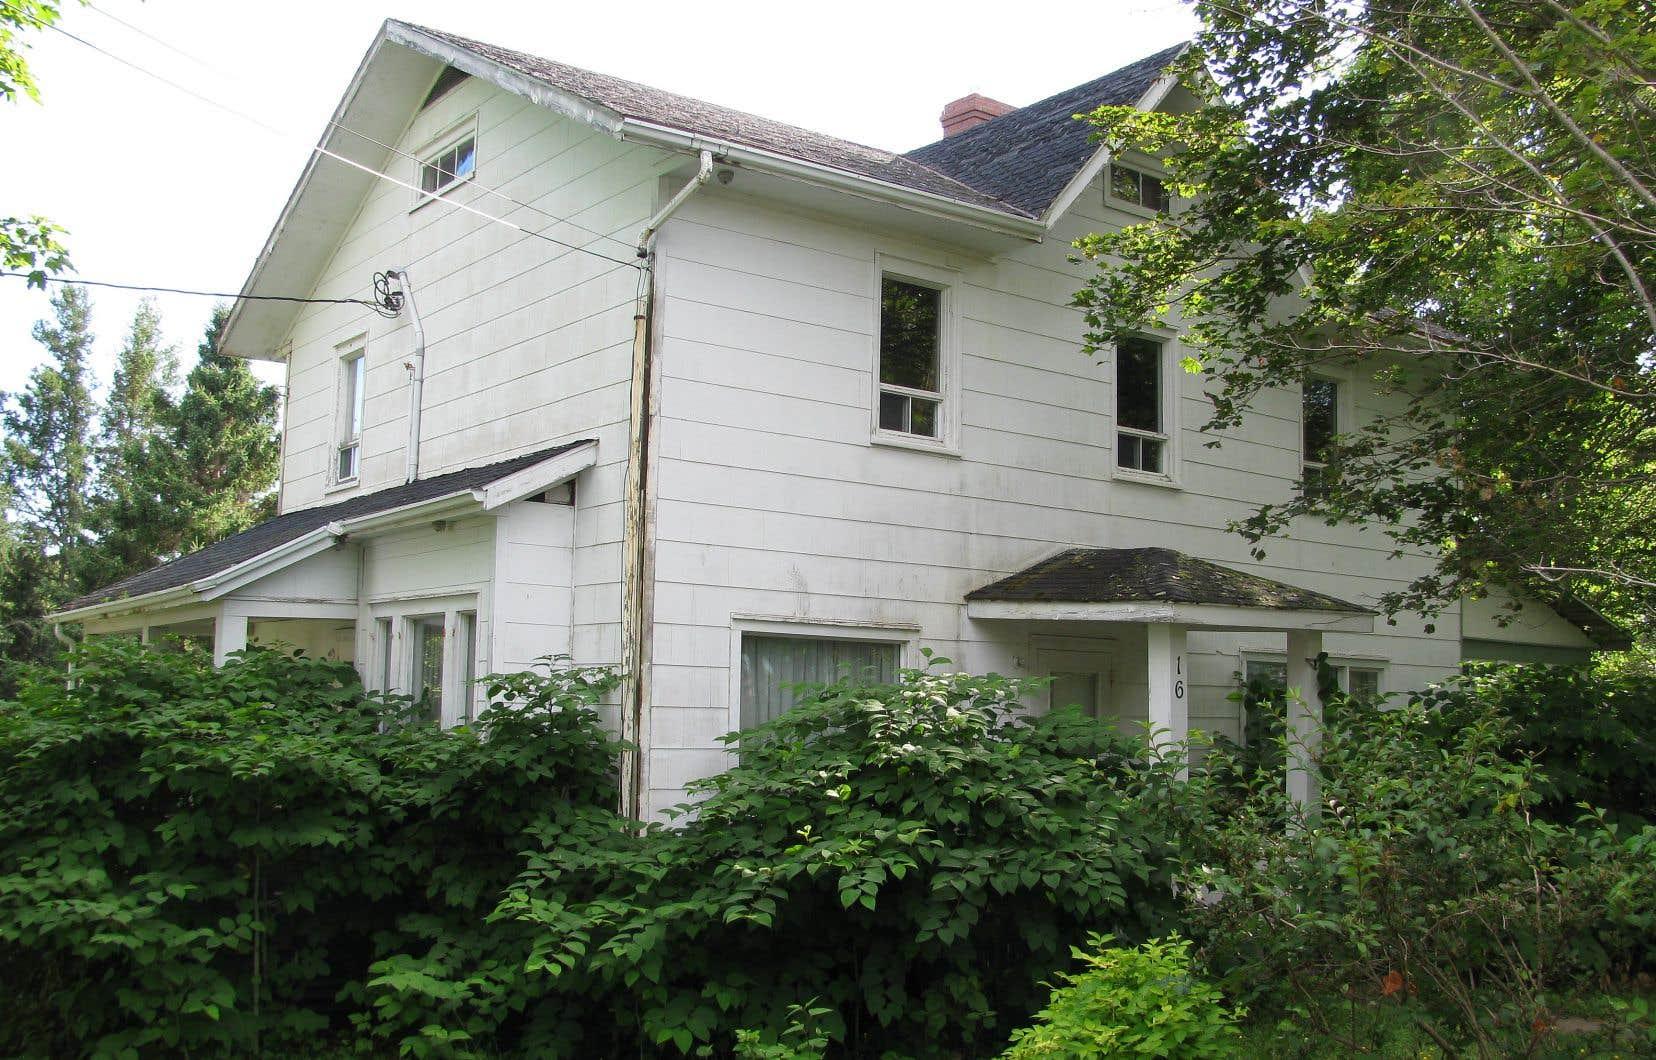 La maison dans laquelle l'ancien premier ministre québécois René Lévesque a passé une partie de son enfance, à New Carlisle, en Gaspésie, n'a pas fait l'objet de rénovations substantielles depuis de nombreuses années.